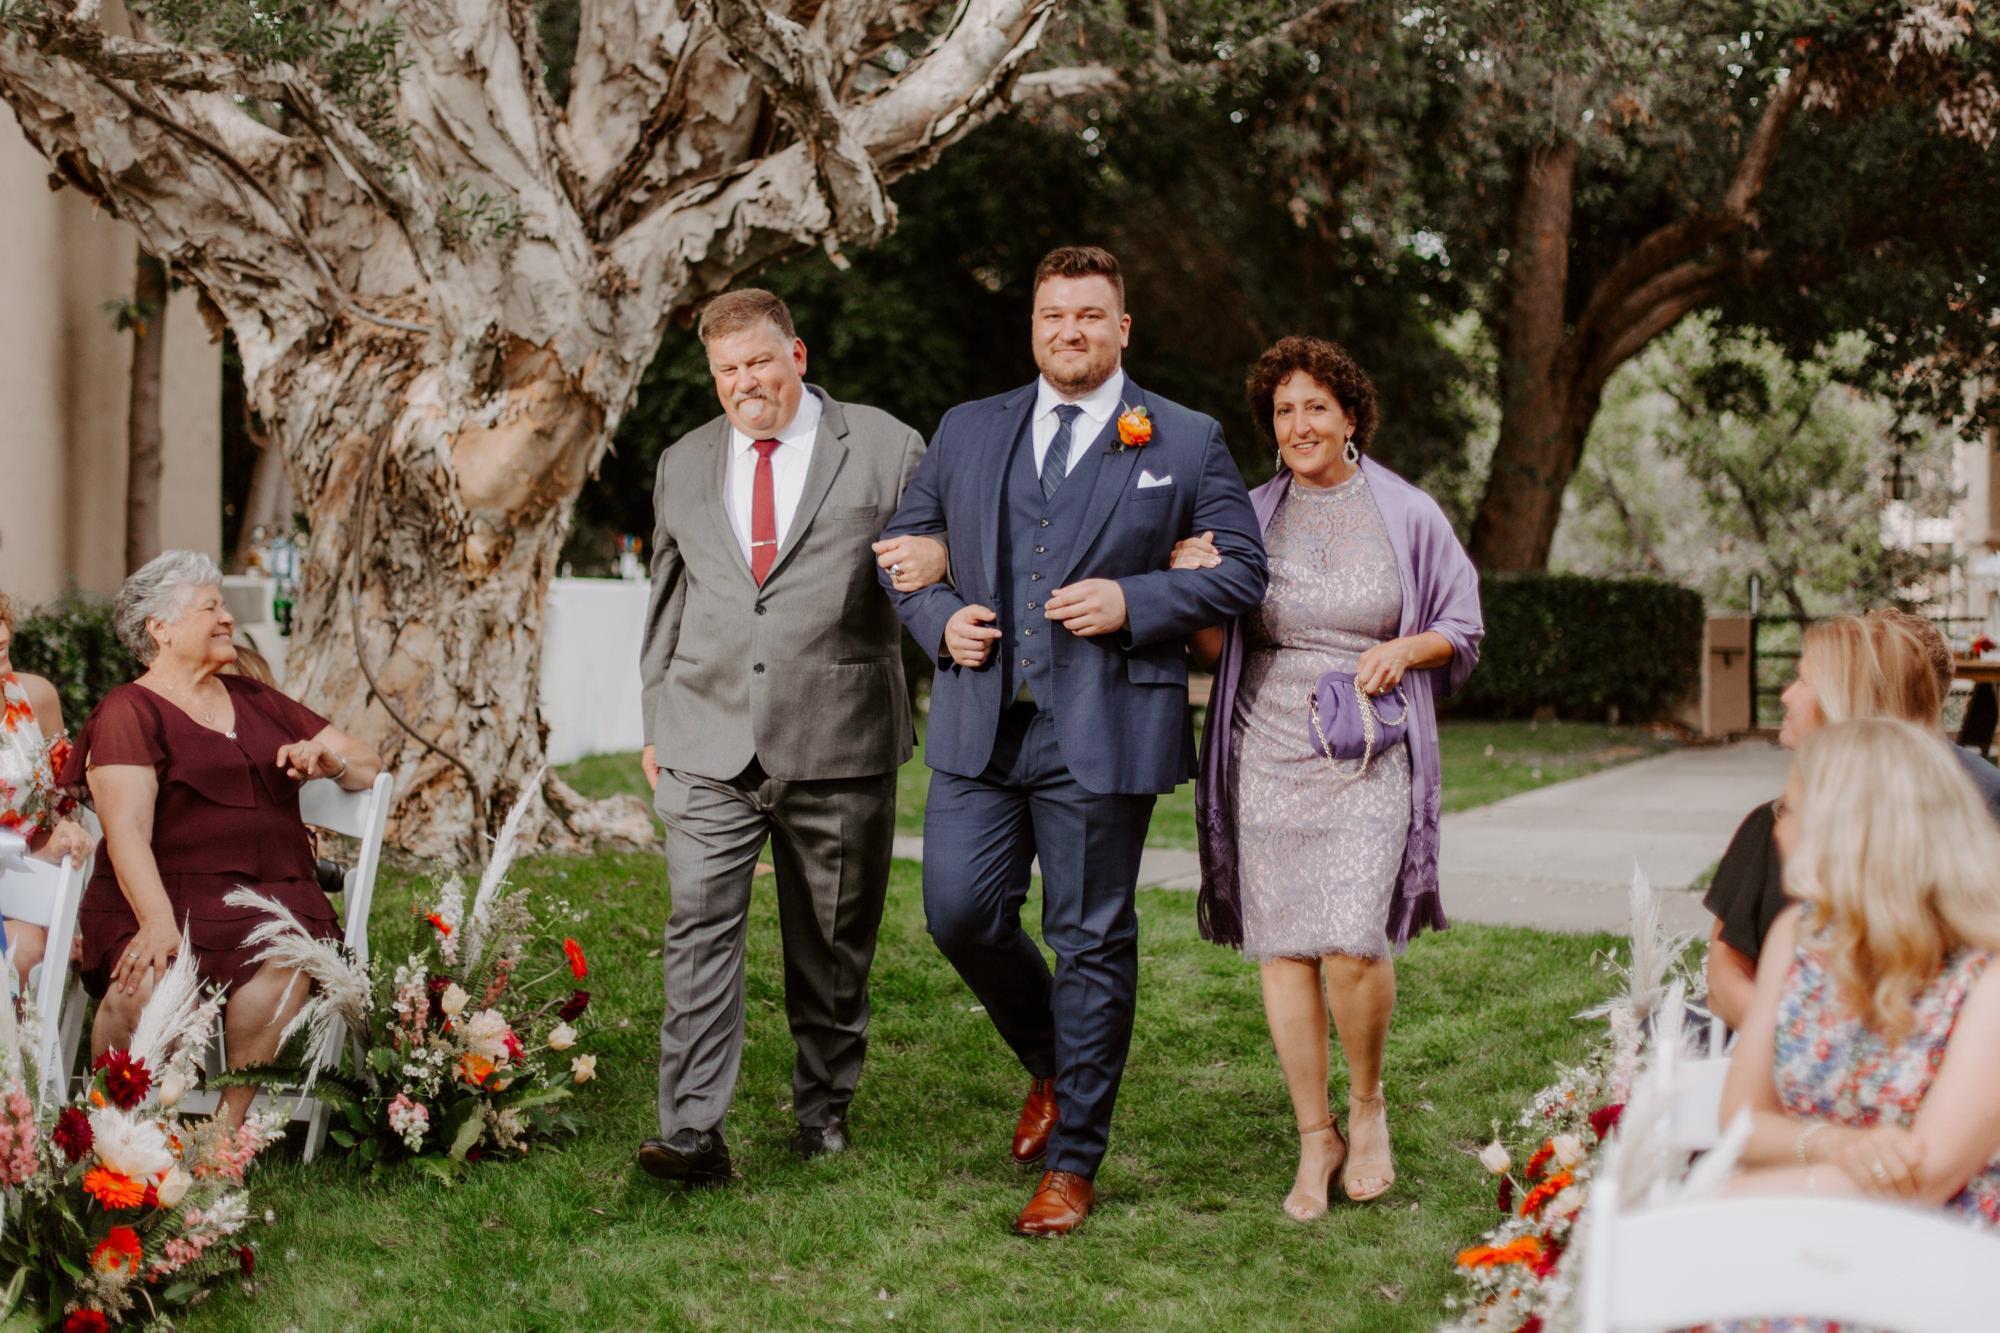 Rancho bernardo Inn san deigo wedding photography0048.jpg